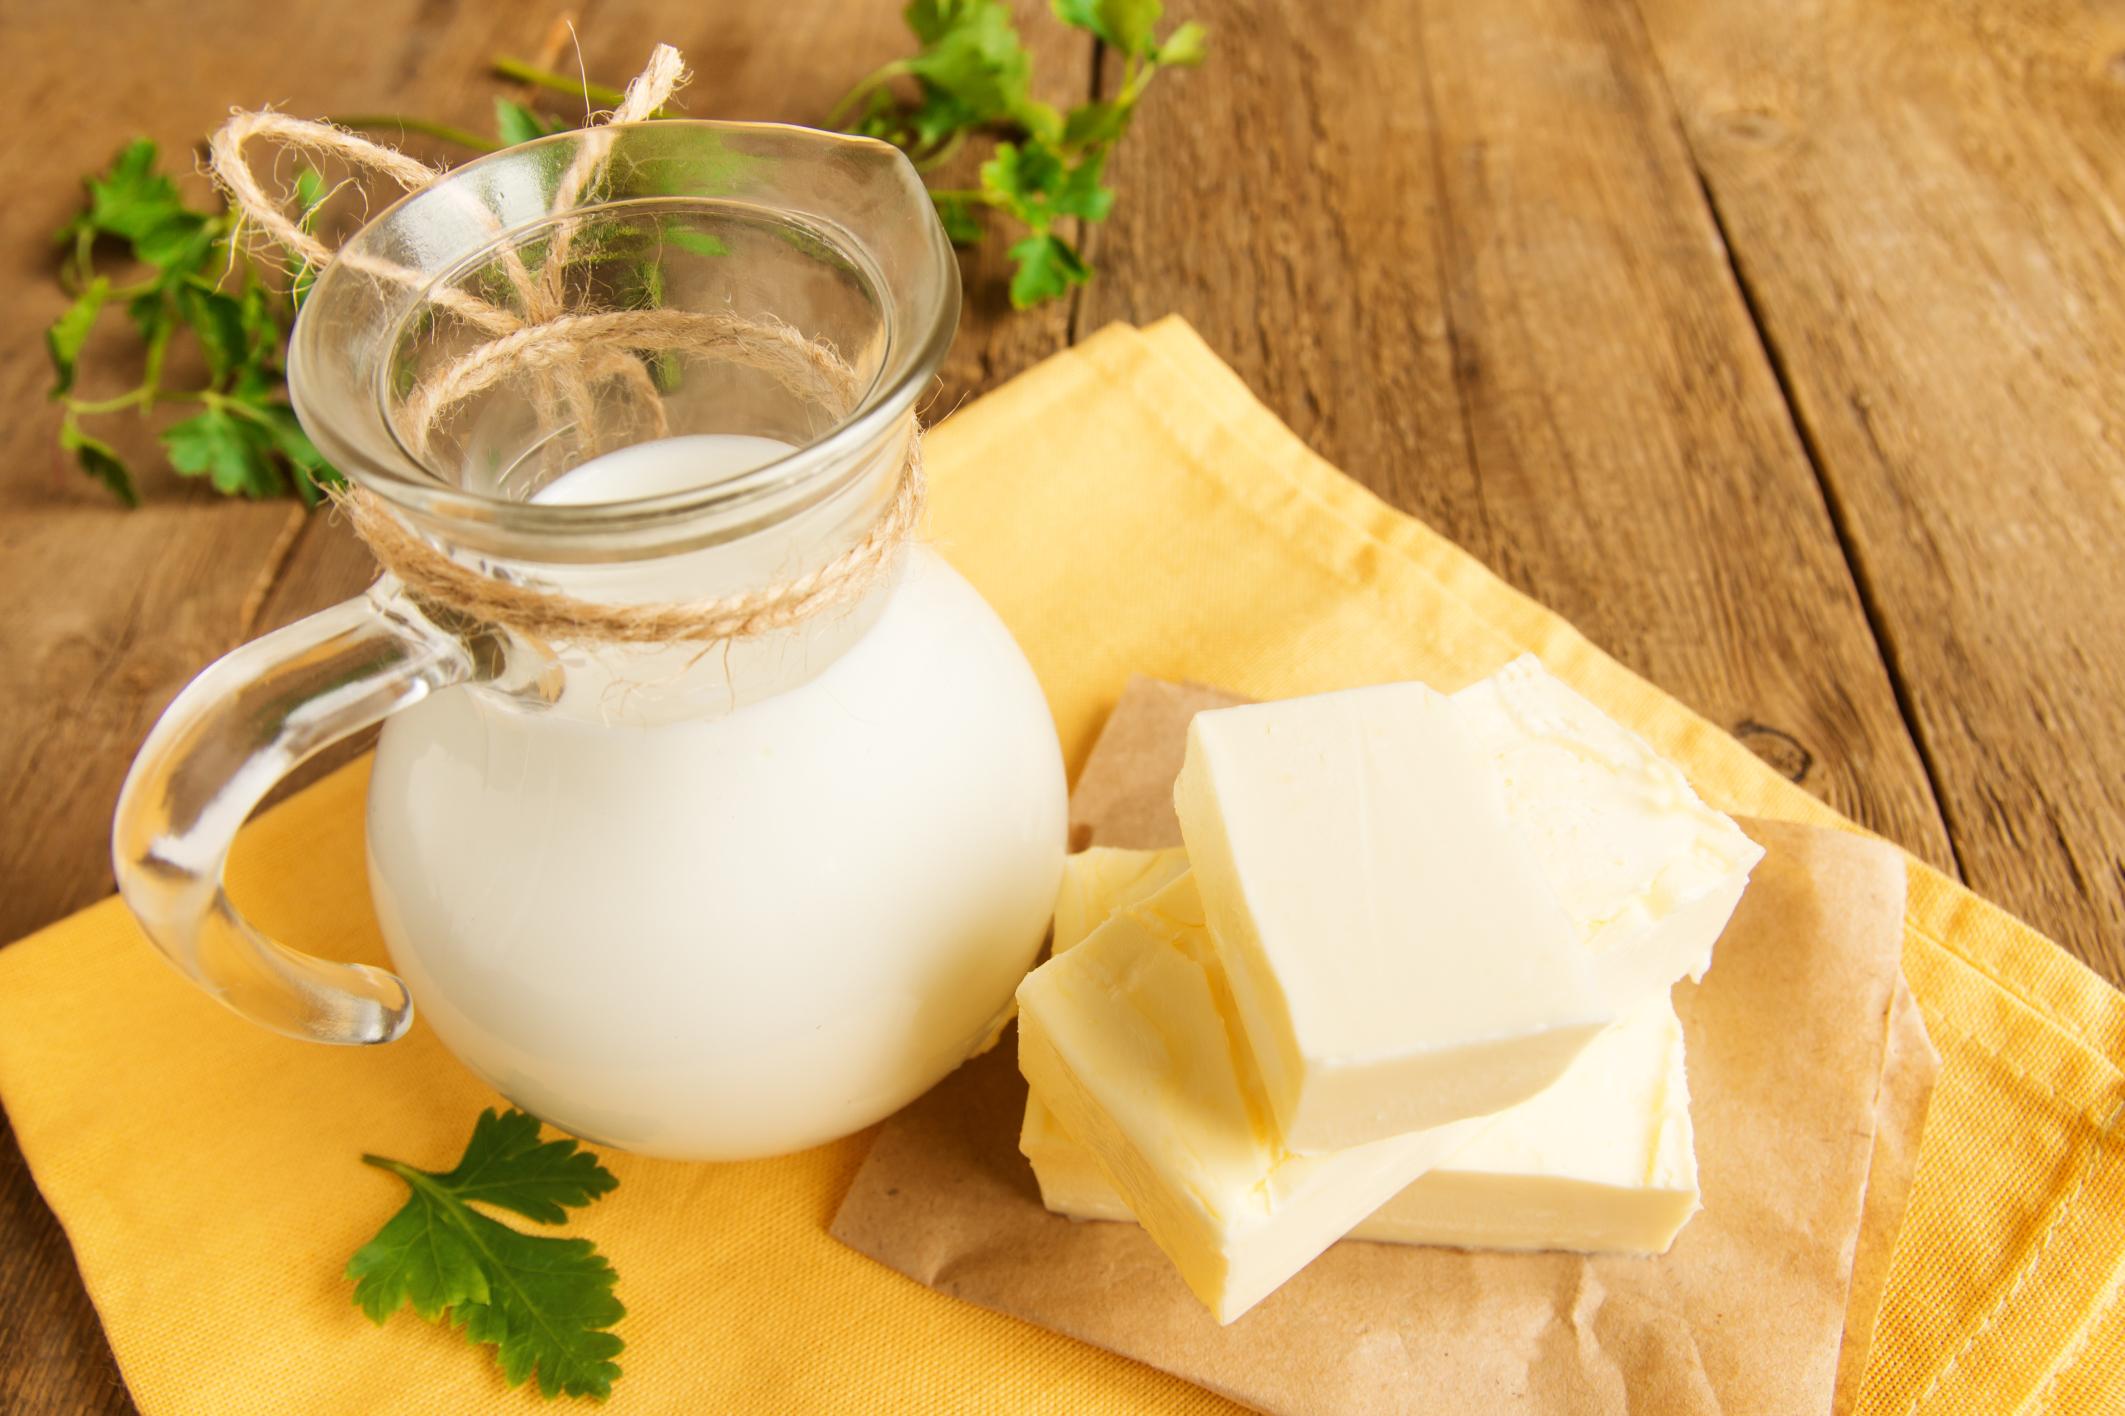 Как сделать сливки в домашних условиях из молока и масла